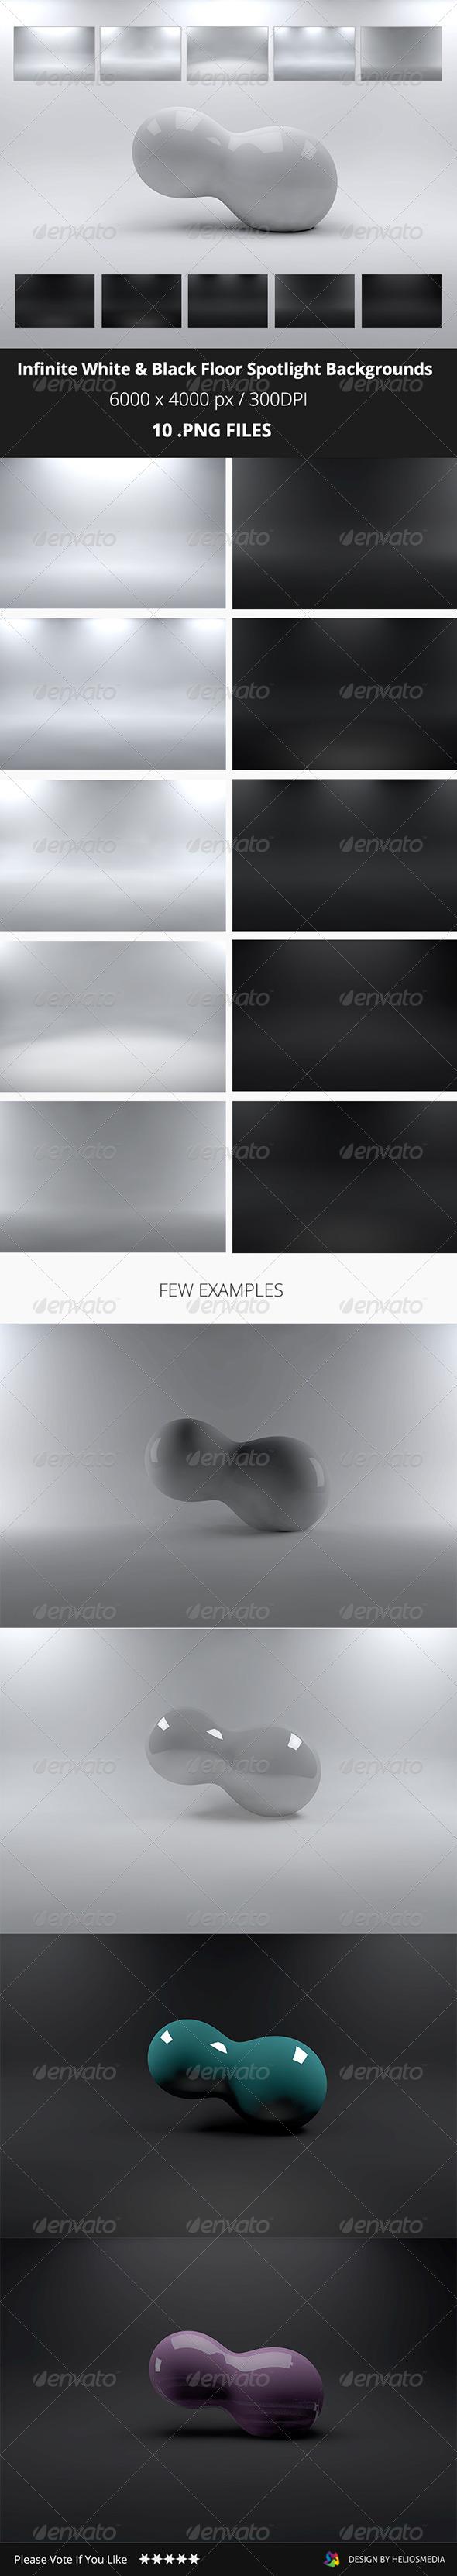 Infinite White & Black Floor Spotlight Backgrounds